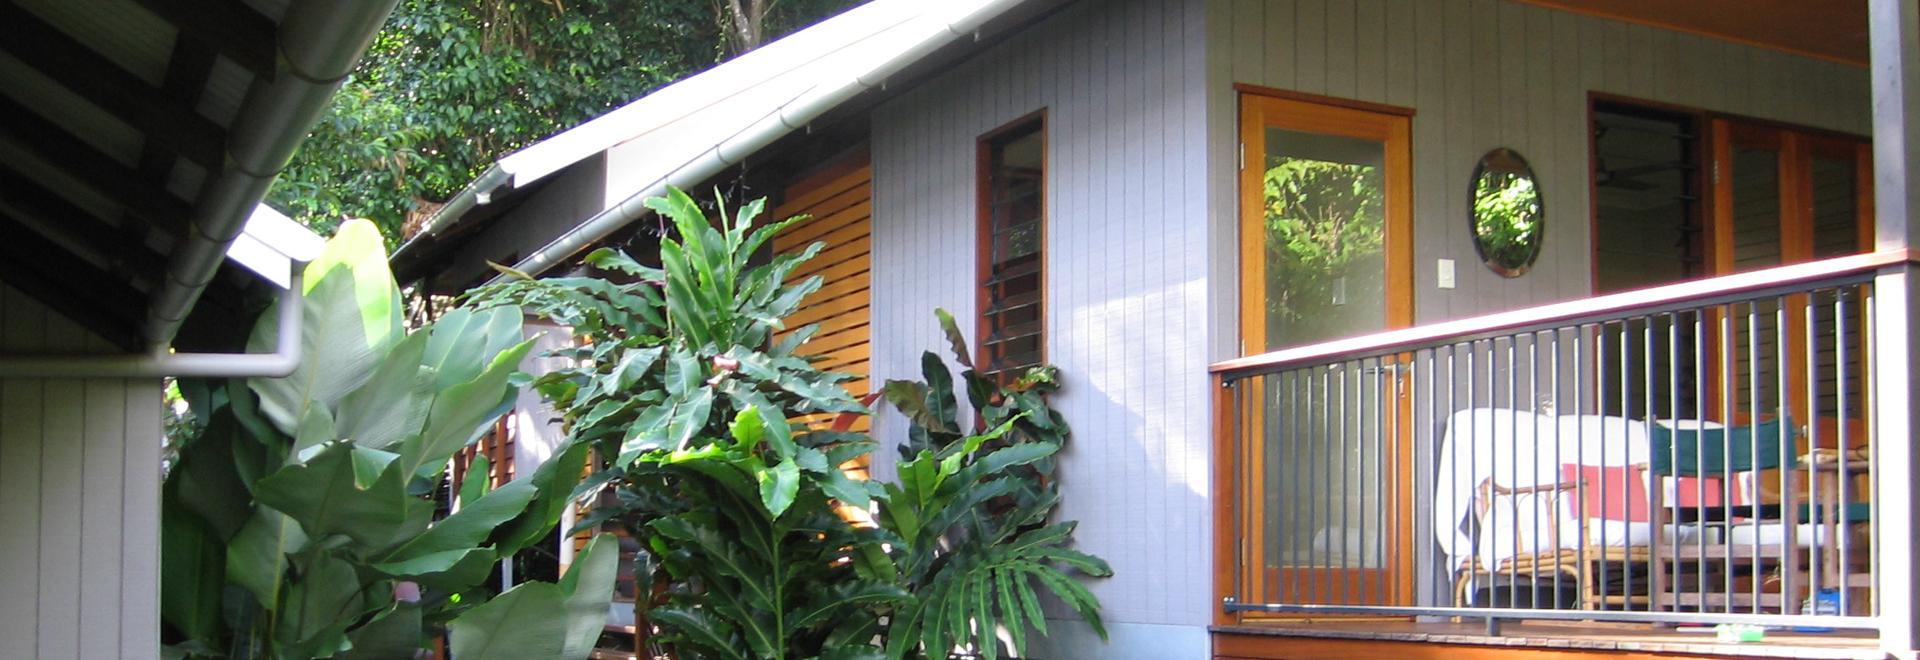 rainforest-house-banner